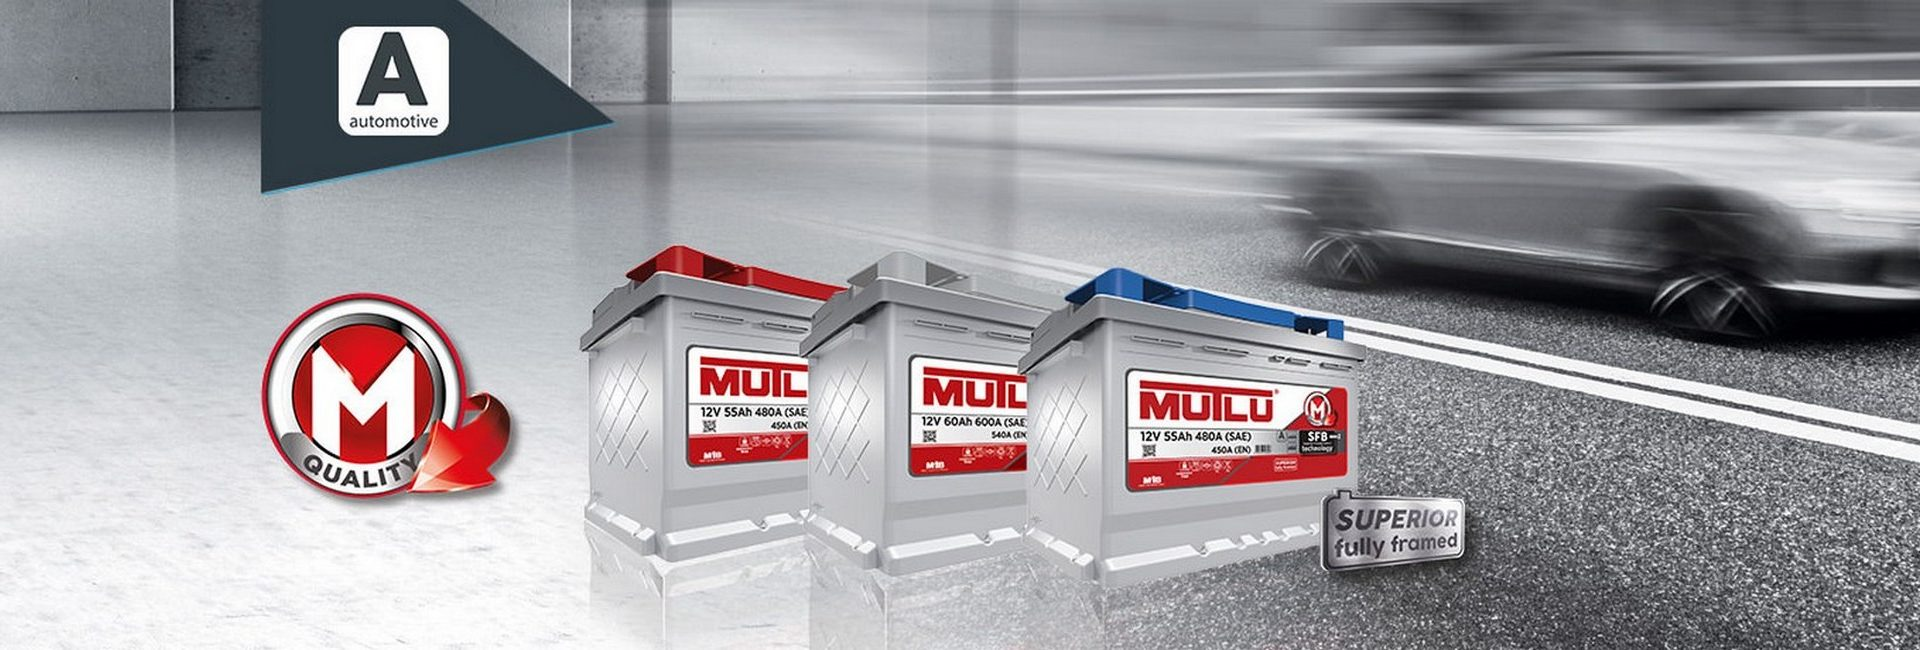 Купить аккумуляторы MUTLU в Волгограде